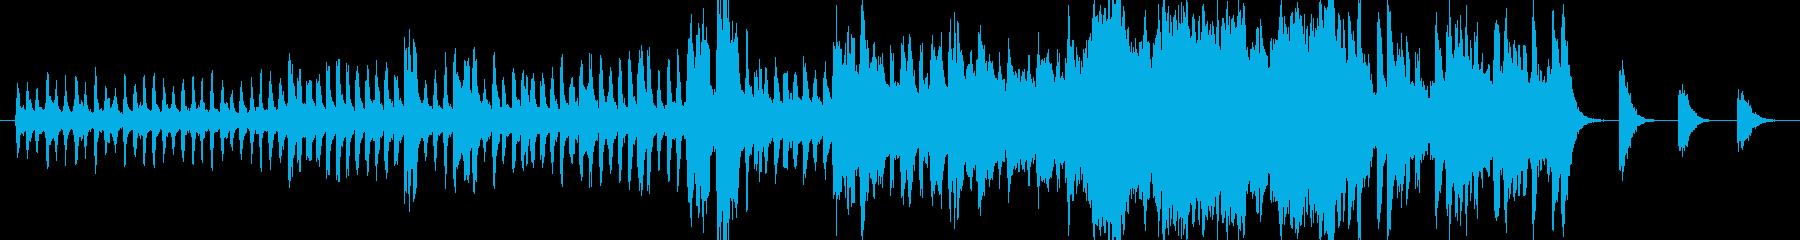 ミステリー謎解きシーンに~オーケストラ風の再生済みの波形